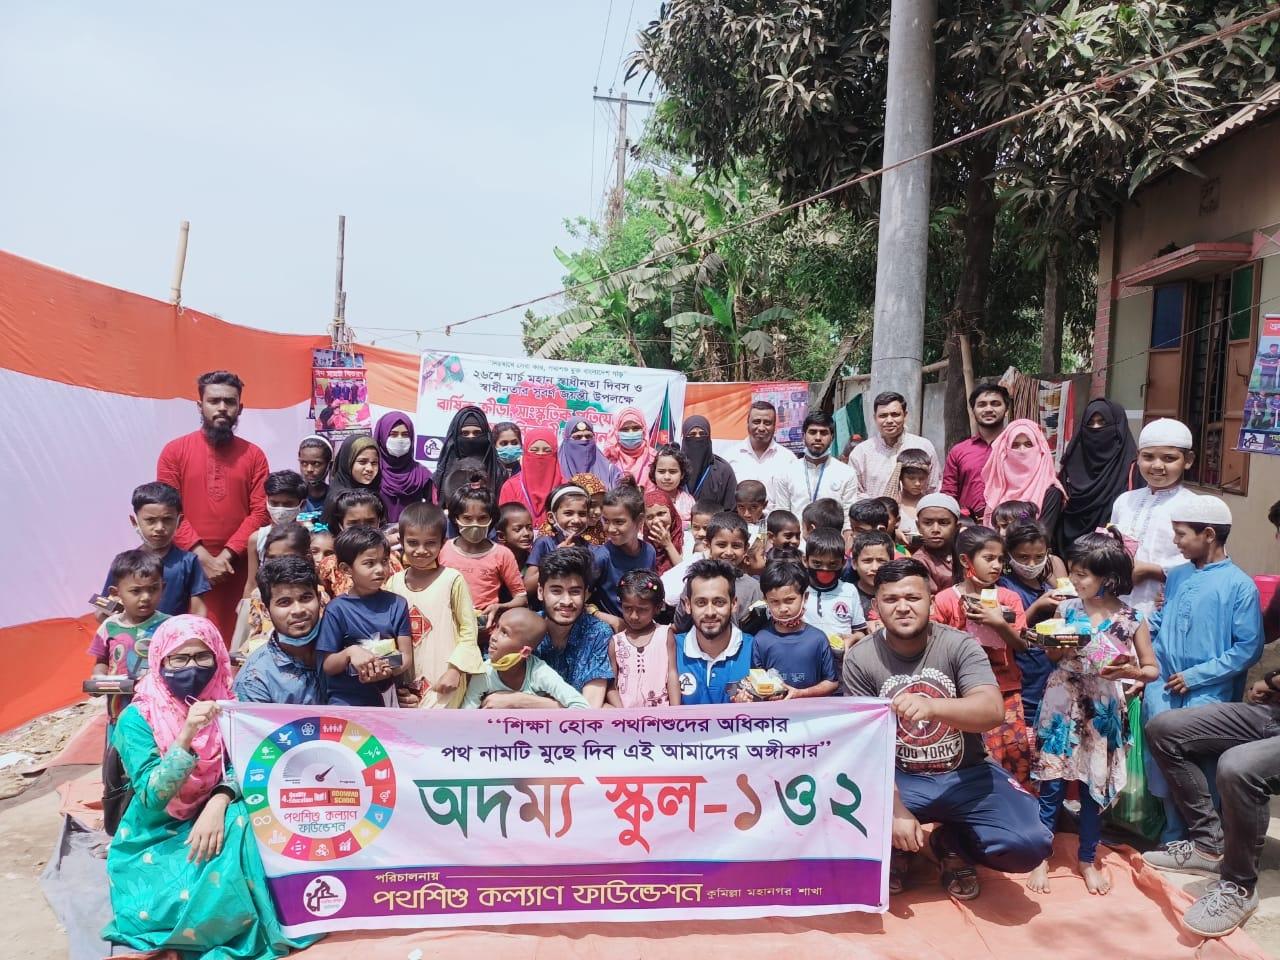 কুমিল্লা মহানগর শাখায় স্বাধীনতা দিবস উদযাপন